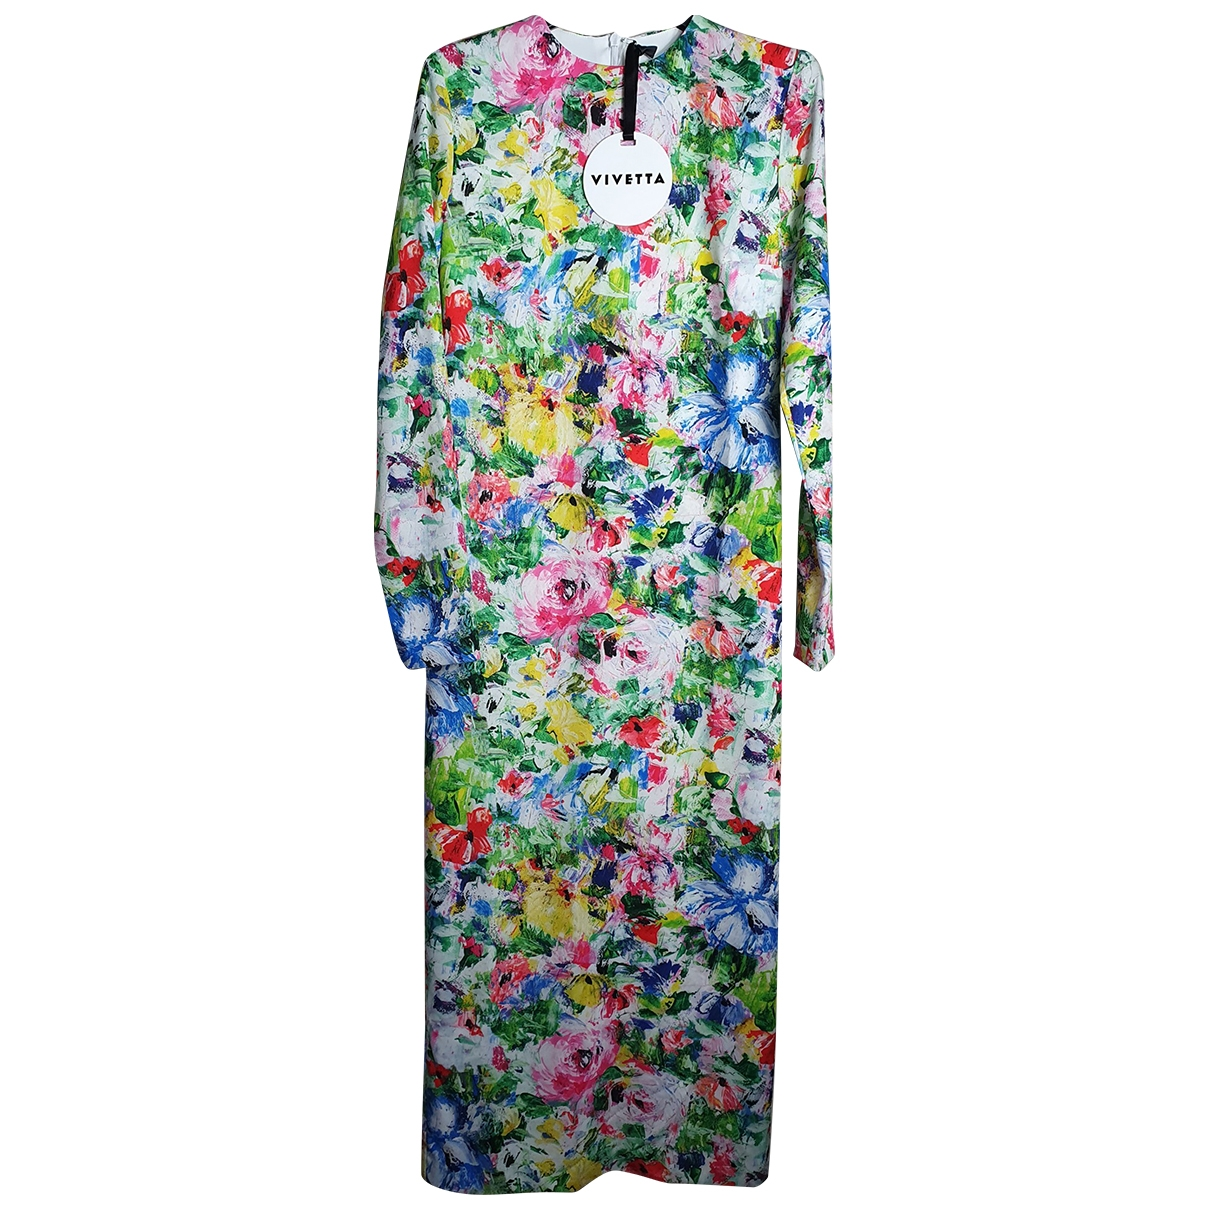 Vivetta \N Kleid in  Bunt Polyester